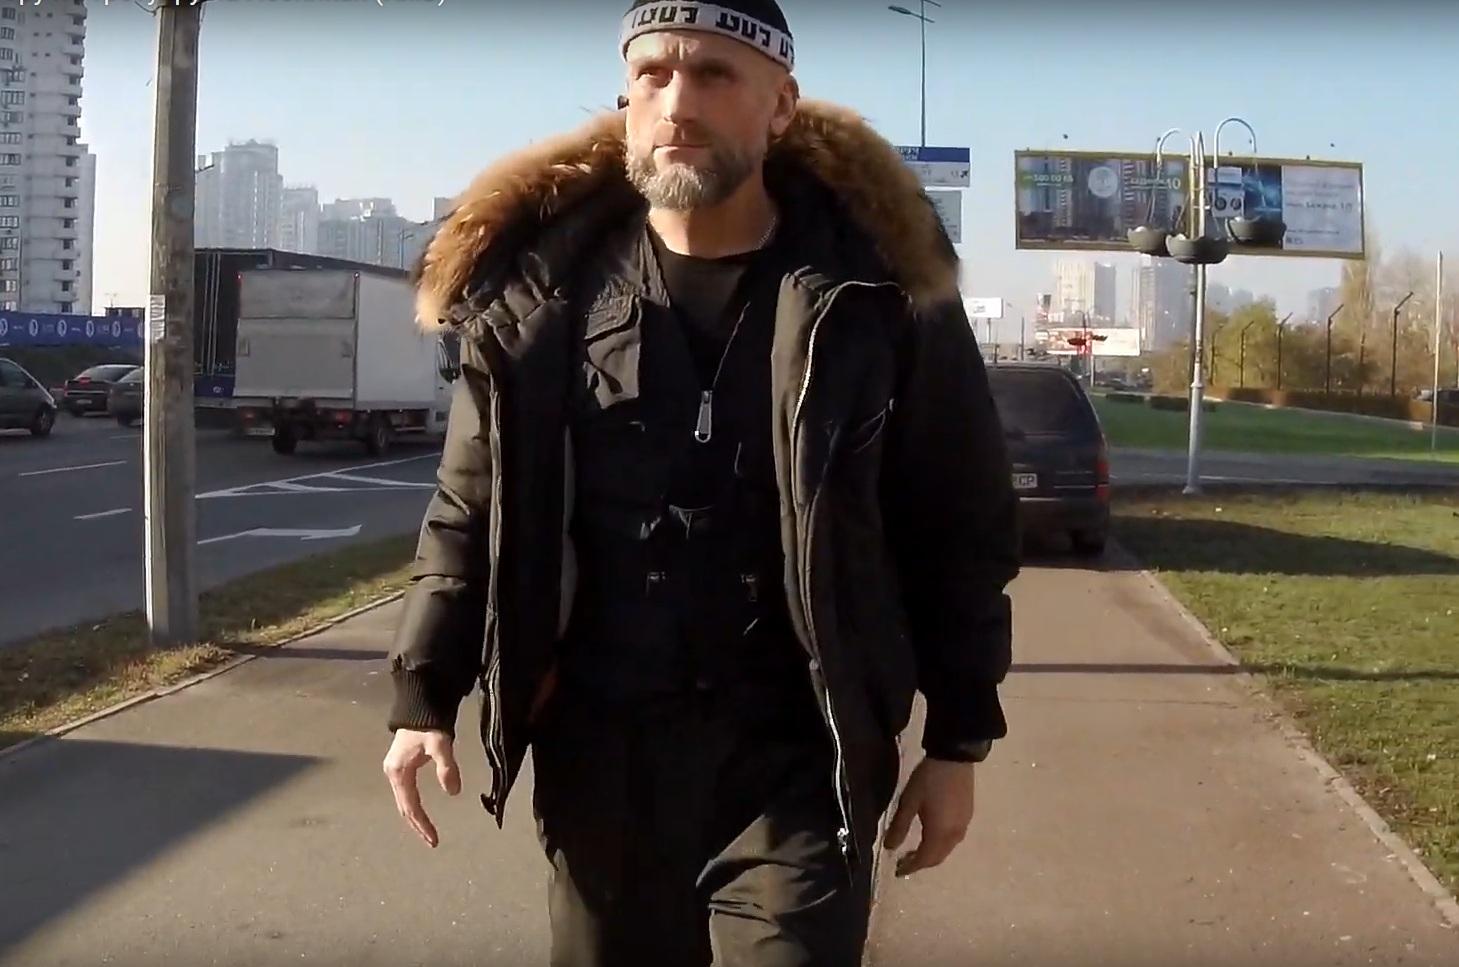 Священник московского патриархата давит людей на тротуаре (видео)